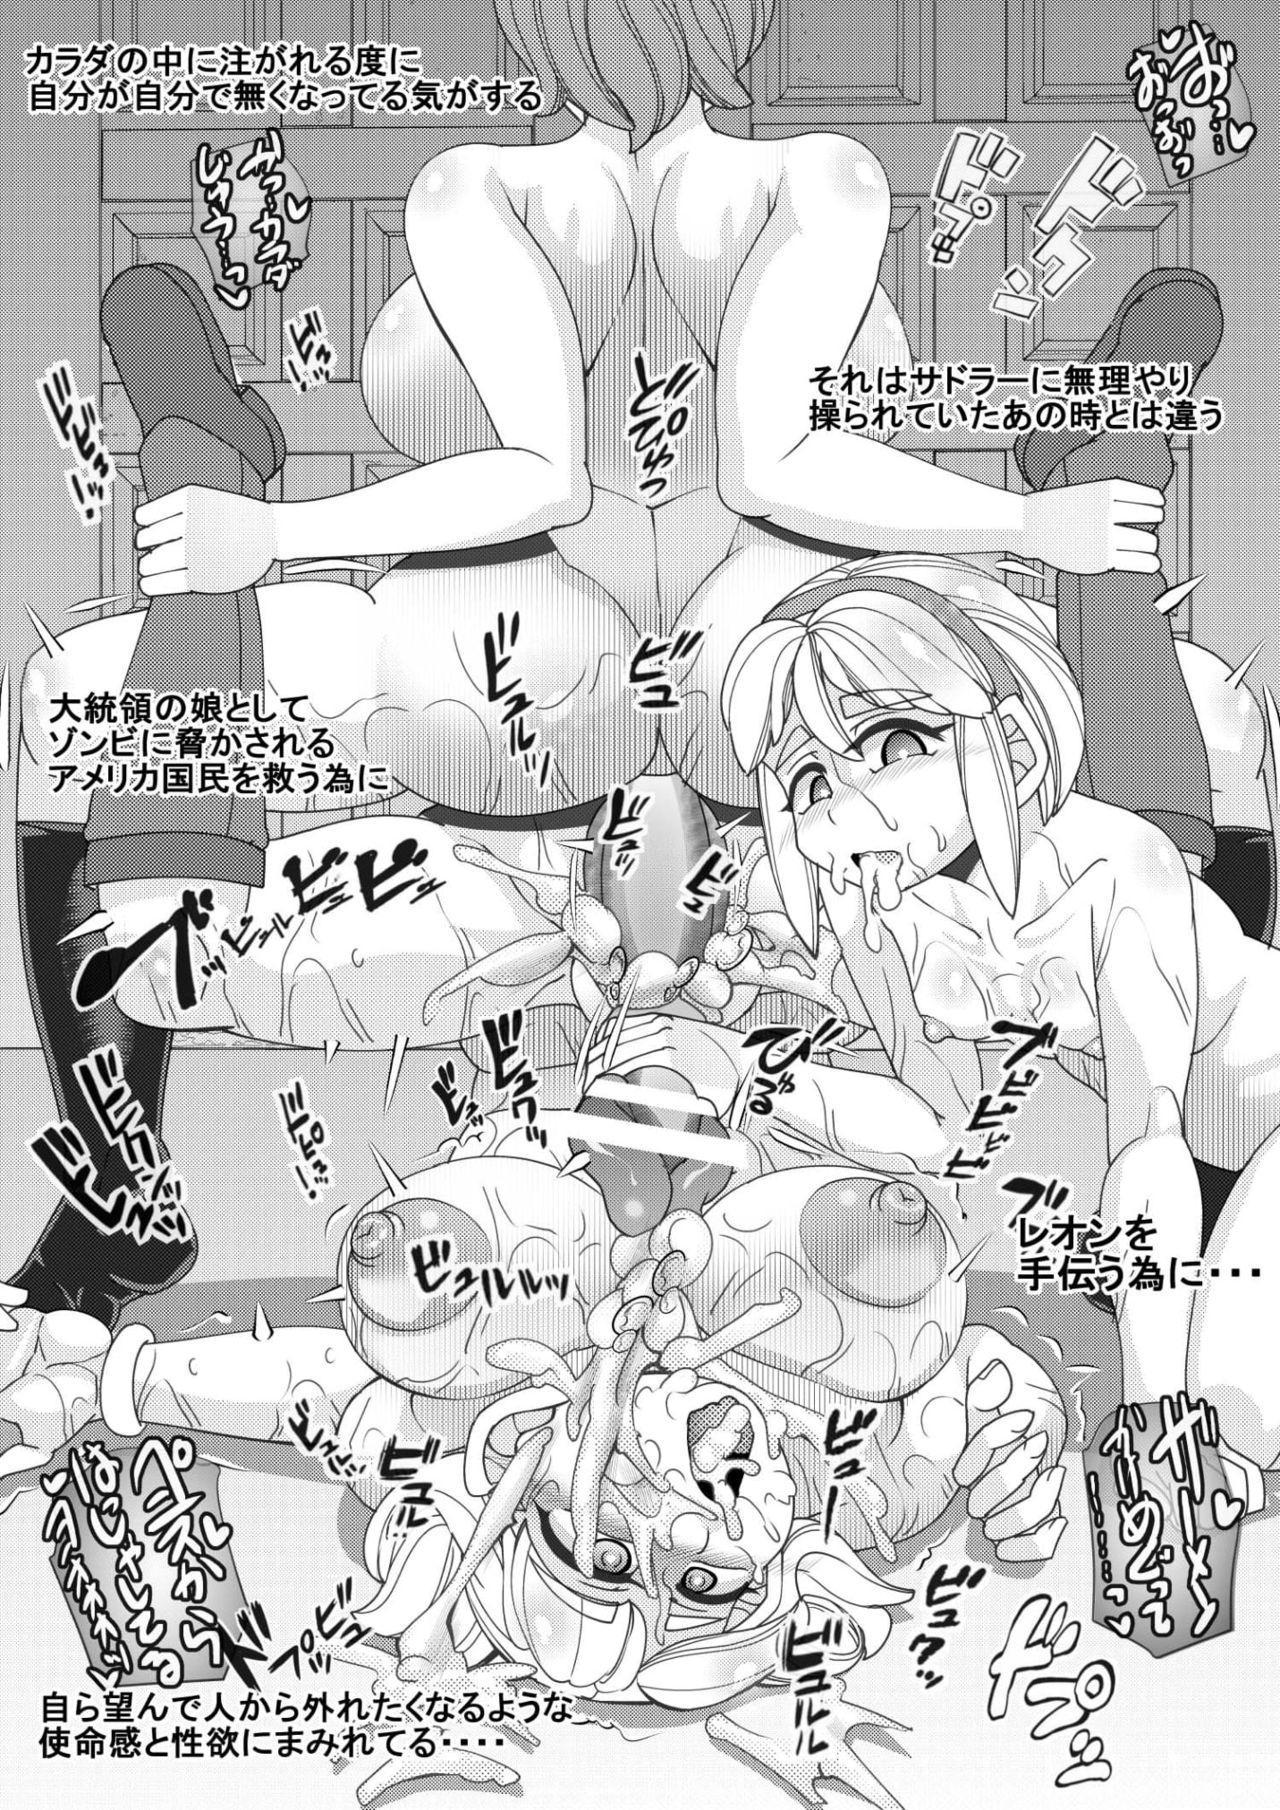 Seisyoku Saigai 4 20